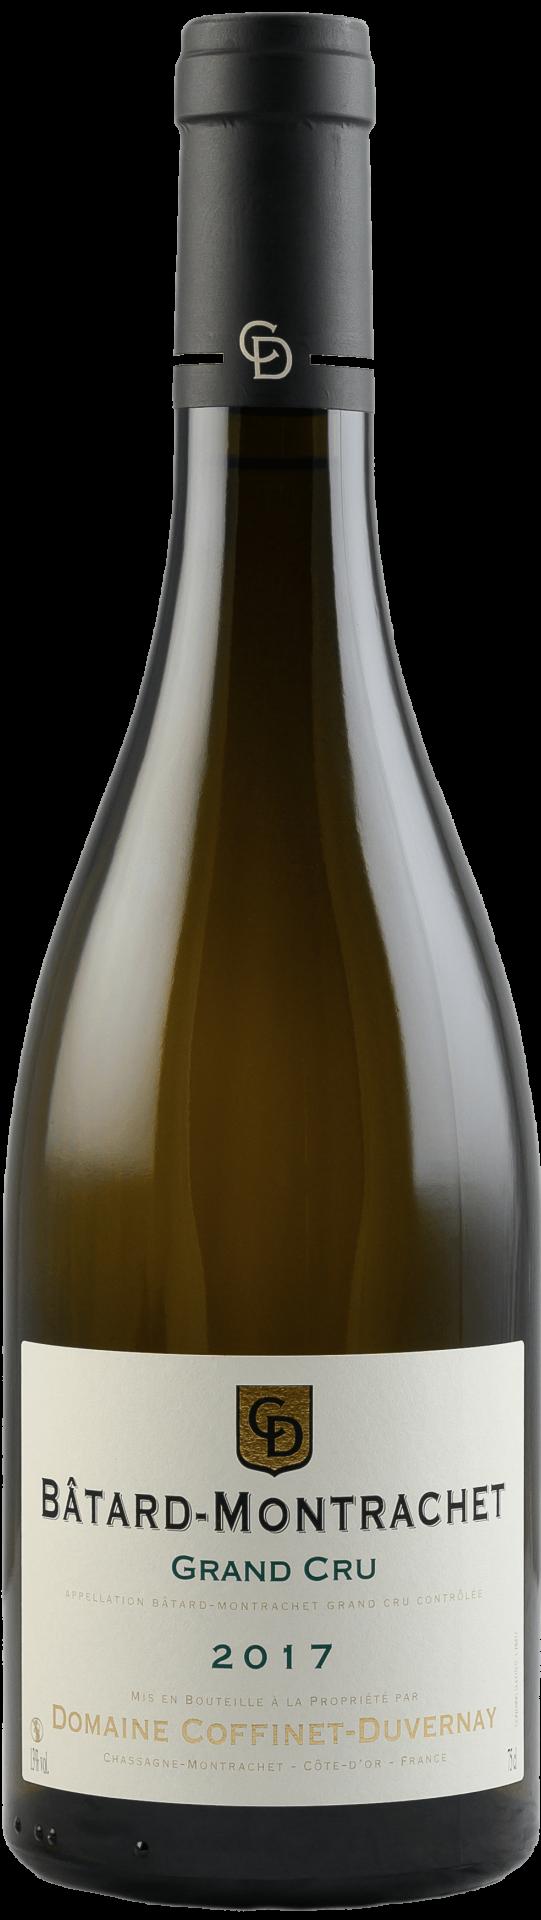 Bouteille de vin Domaine Coffinet-Duvernay